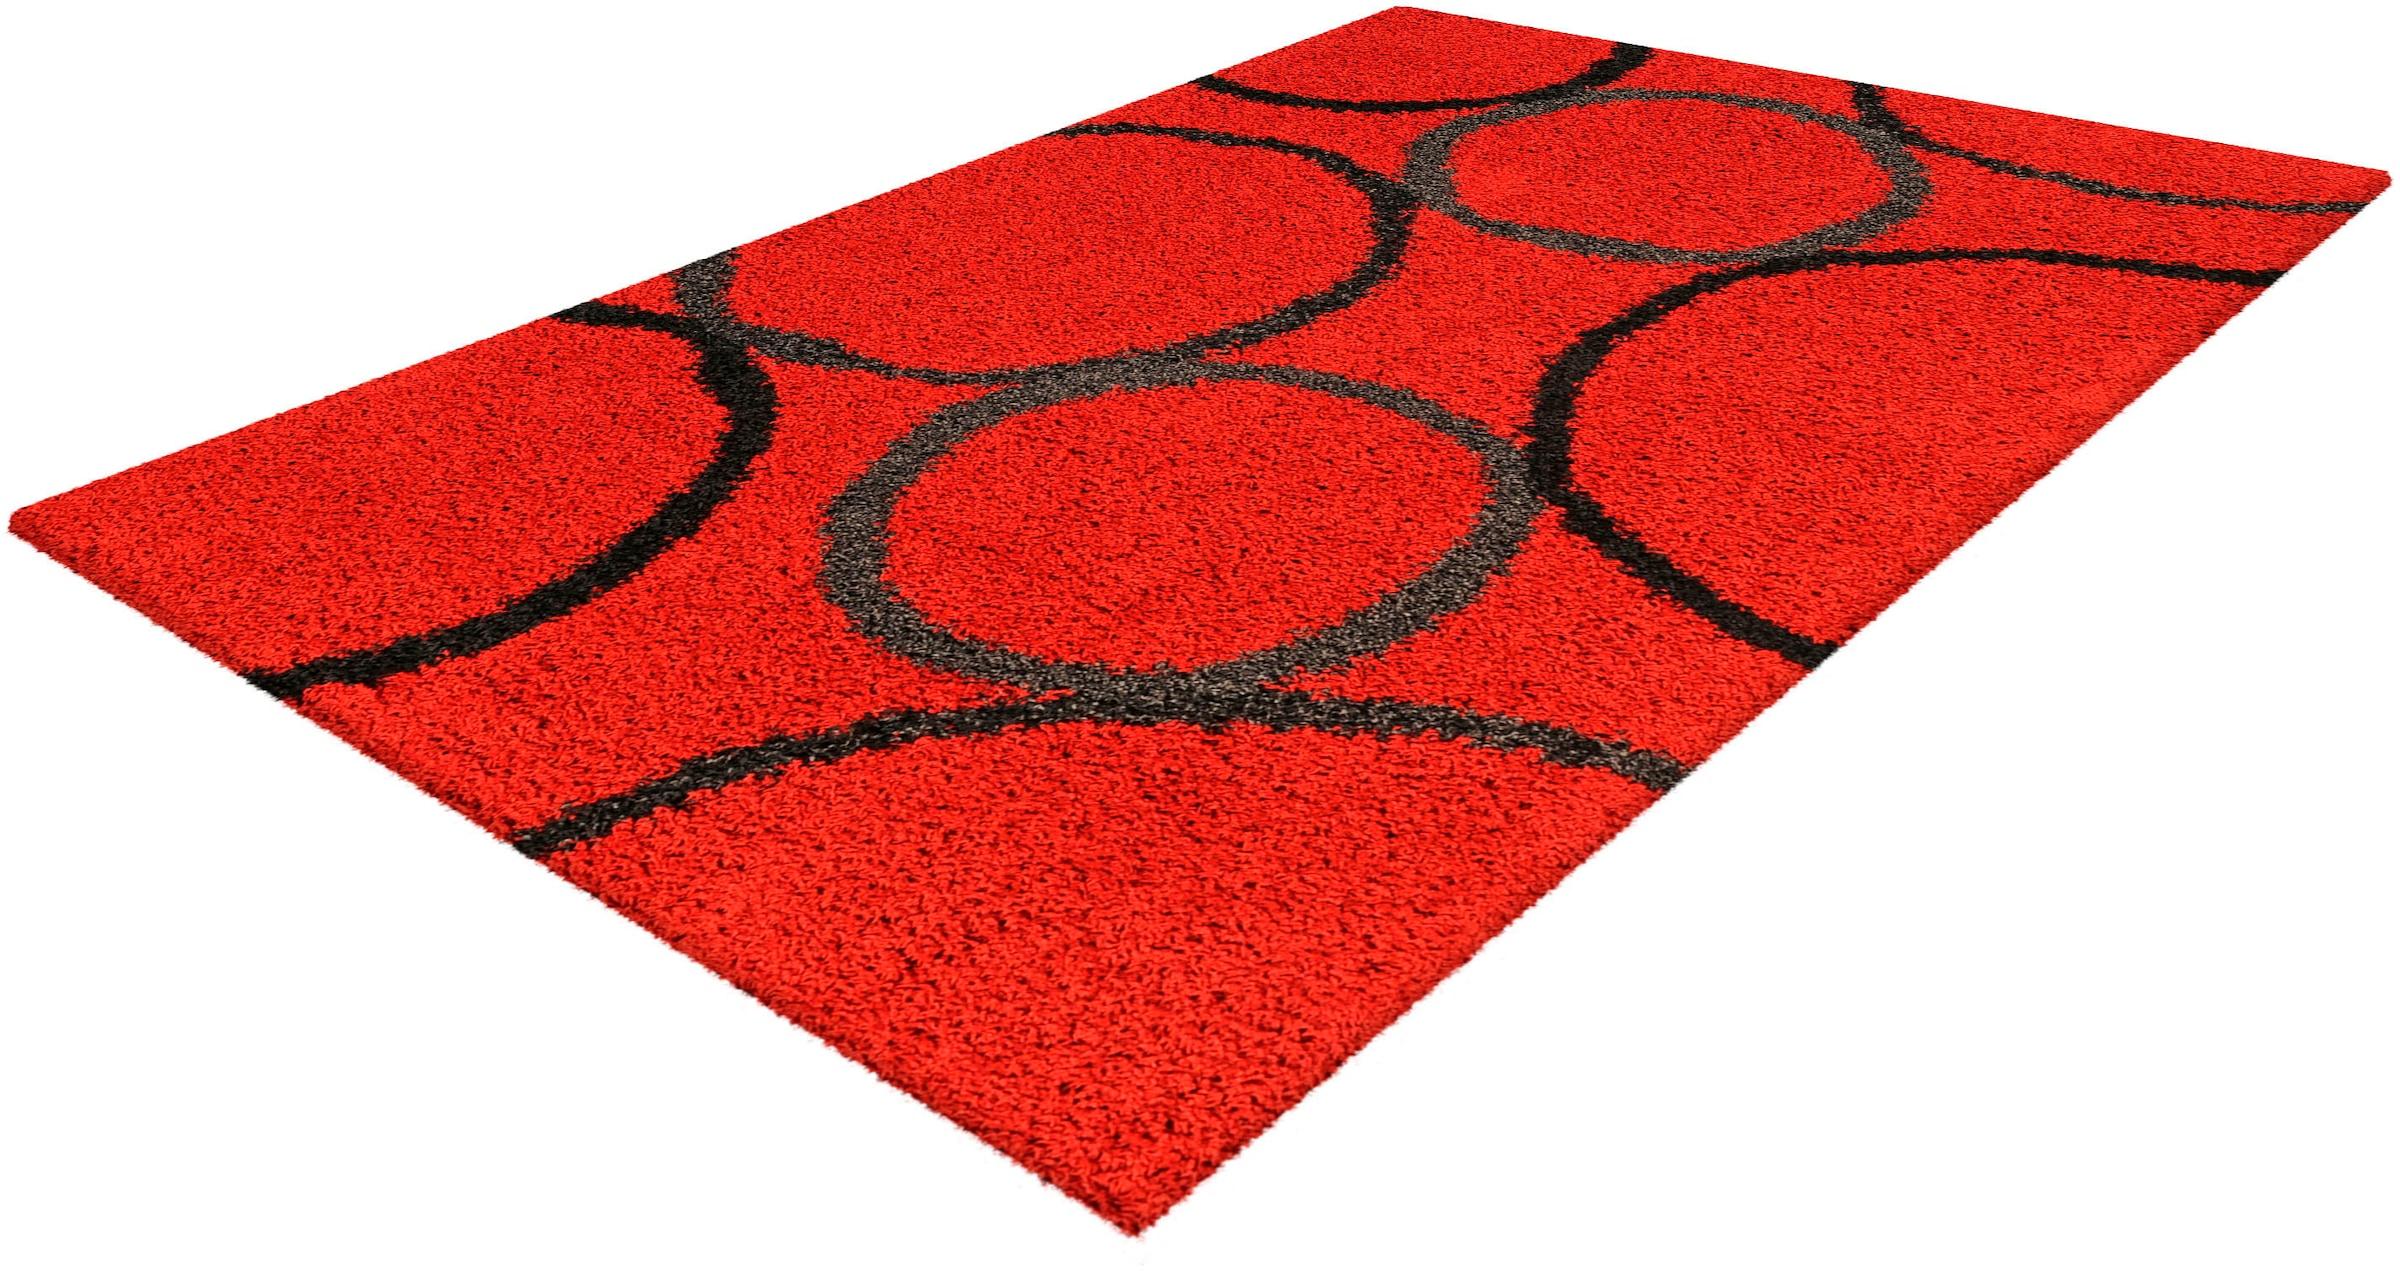 Image of Arte Espina Hochflor-Teppich »Maedow 4004«, rechteckig, 40 mm Höhe, Wohnzimmer